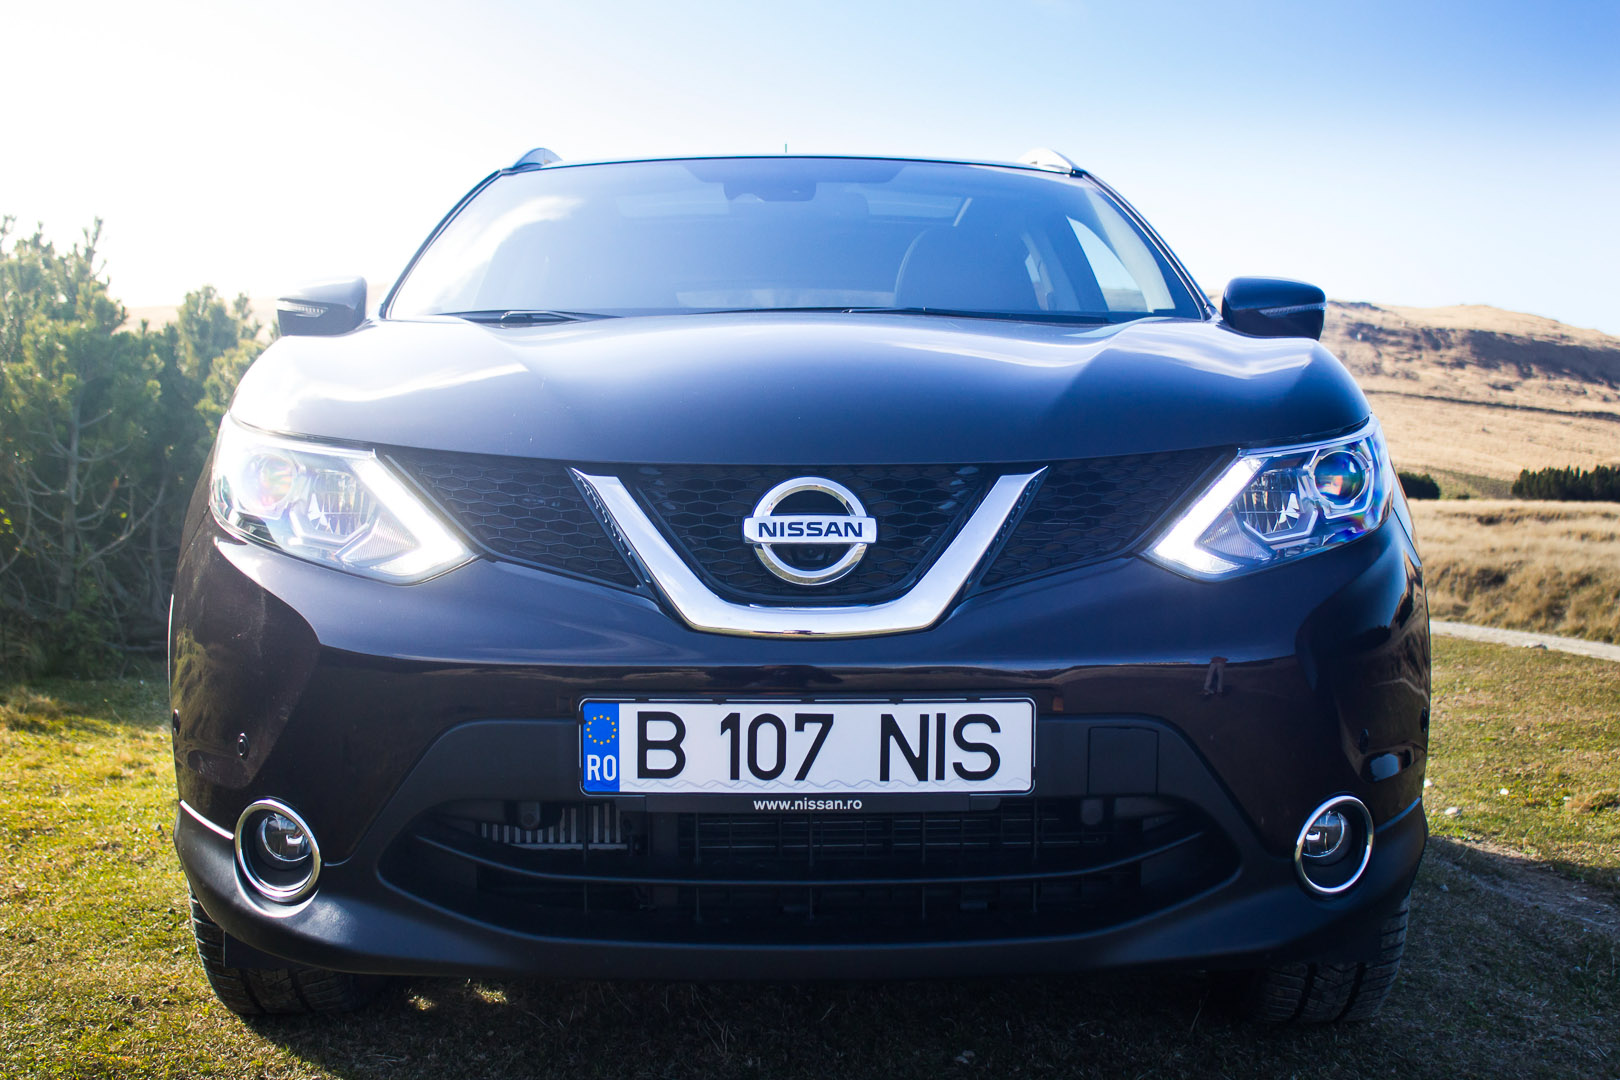 Drive test Nissan Qashqai (2014) 1.6dCi 130CP MT6 – 4X4 – Tekna